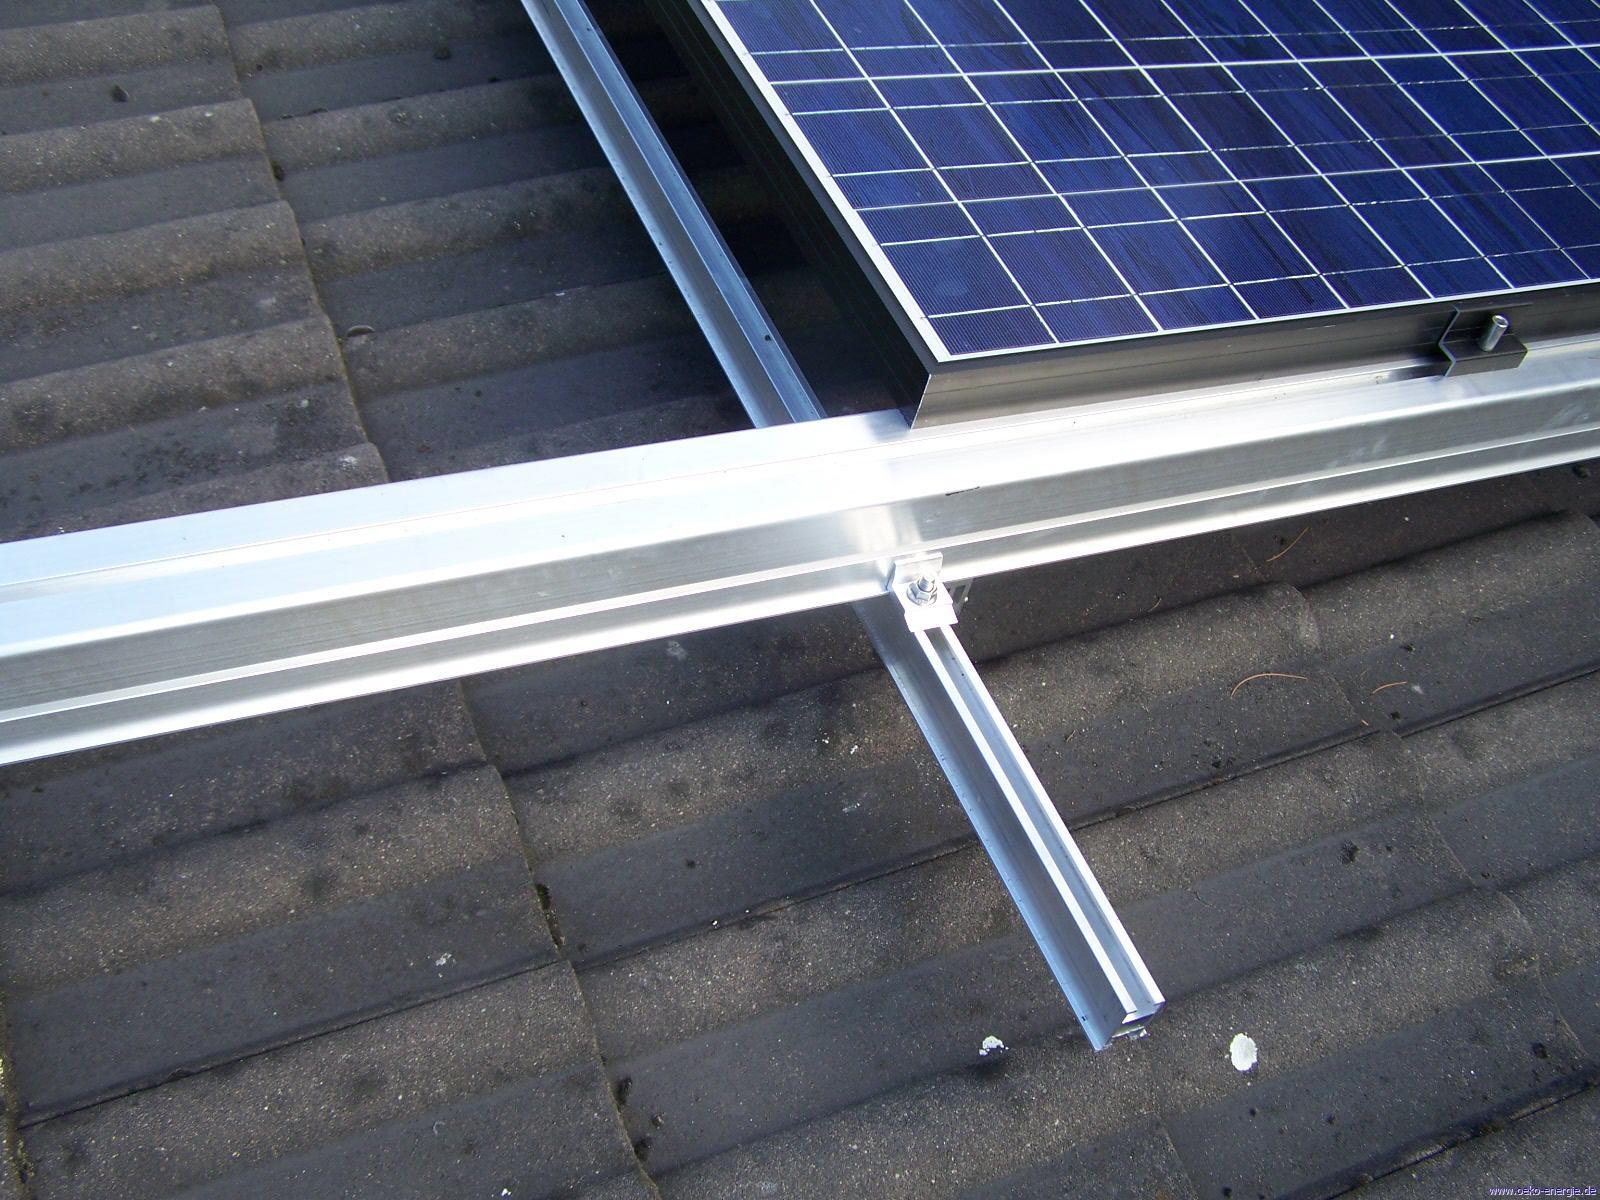 Photovoltaik-zubehör Erneuerbare Energie 5 Stück Special Buy Solaranlage Befestigung Solarmodul Halter Träger